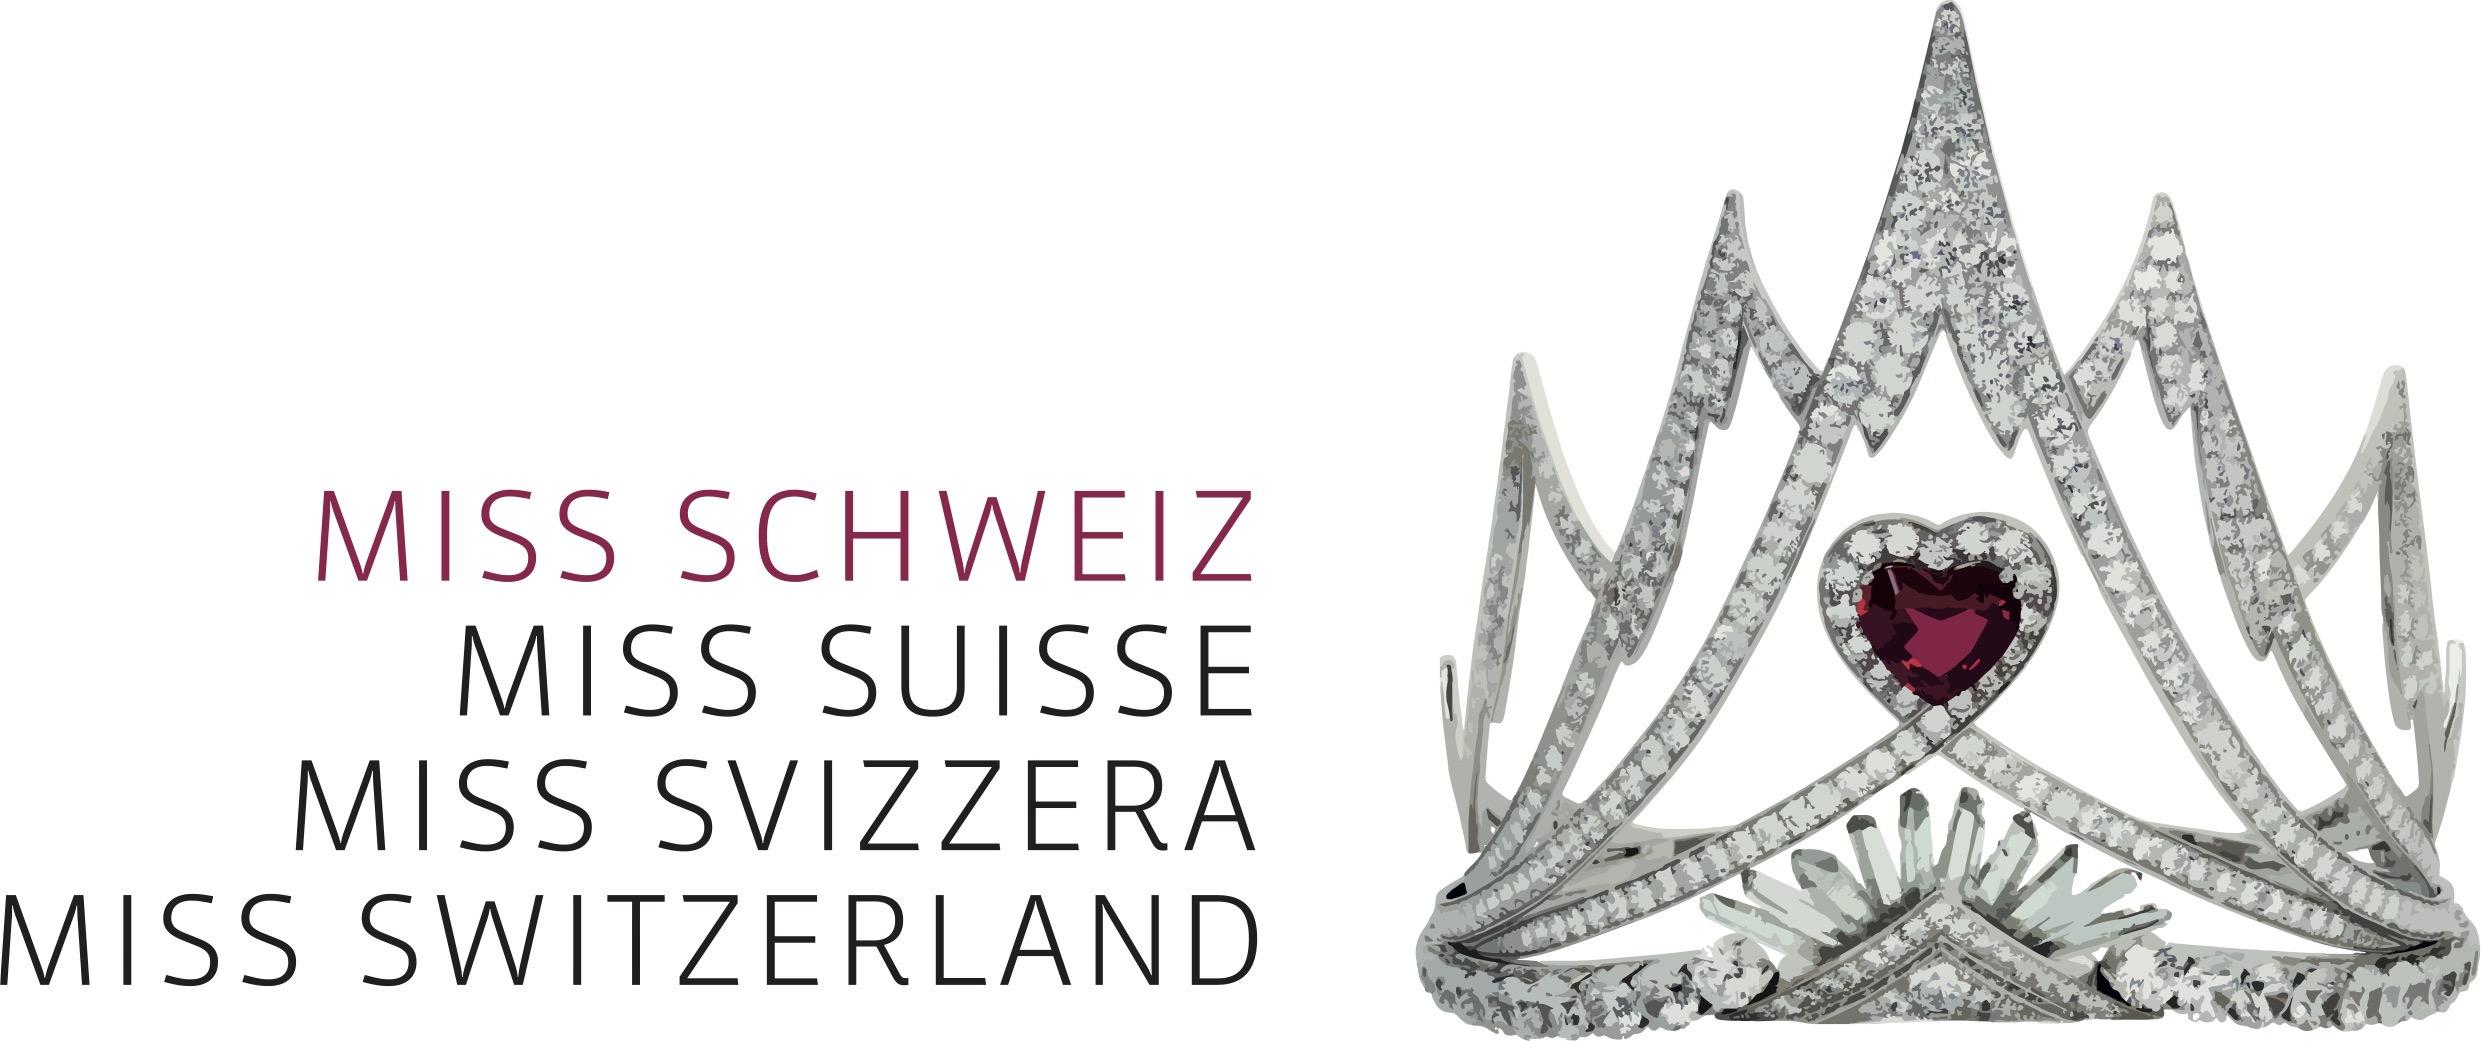 Miss Schweiz